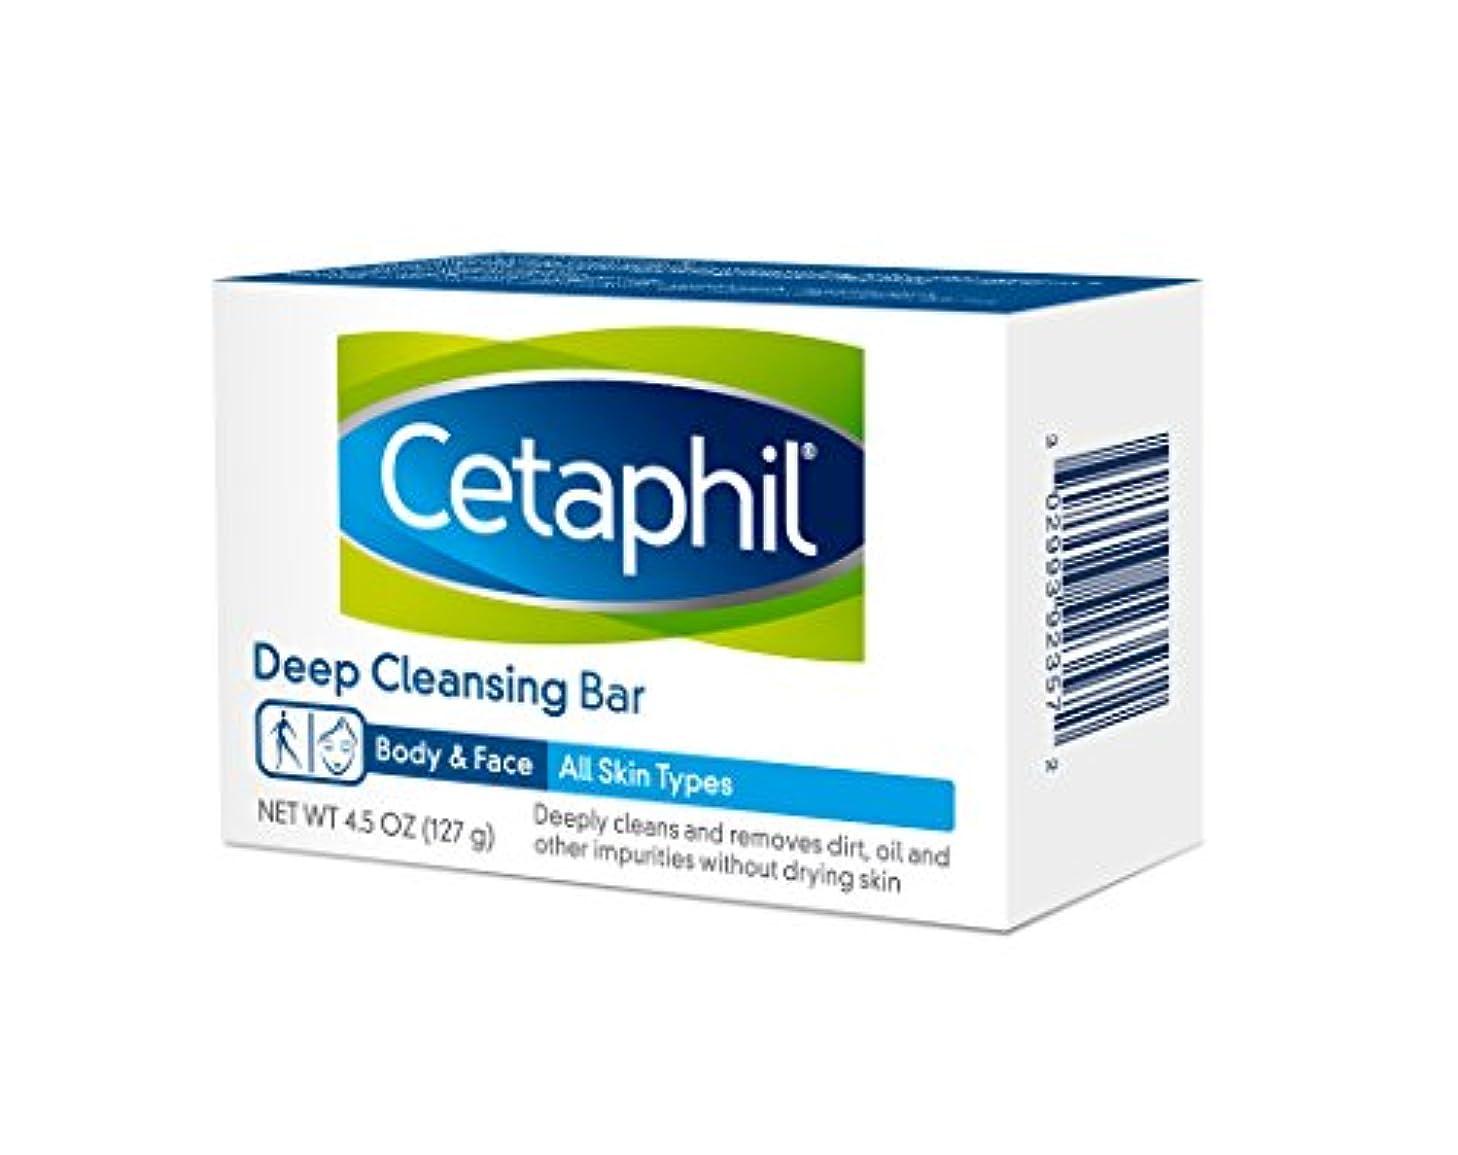 堤防悪のエキゾチックCetaphil Deep Cleansing Face Body Bar for All Skin Types 127g×6個セット 並行輸入品